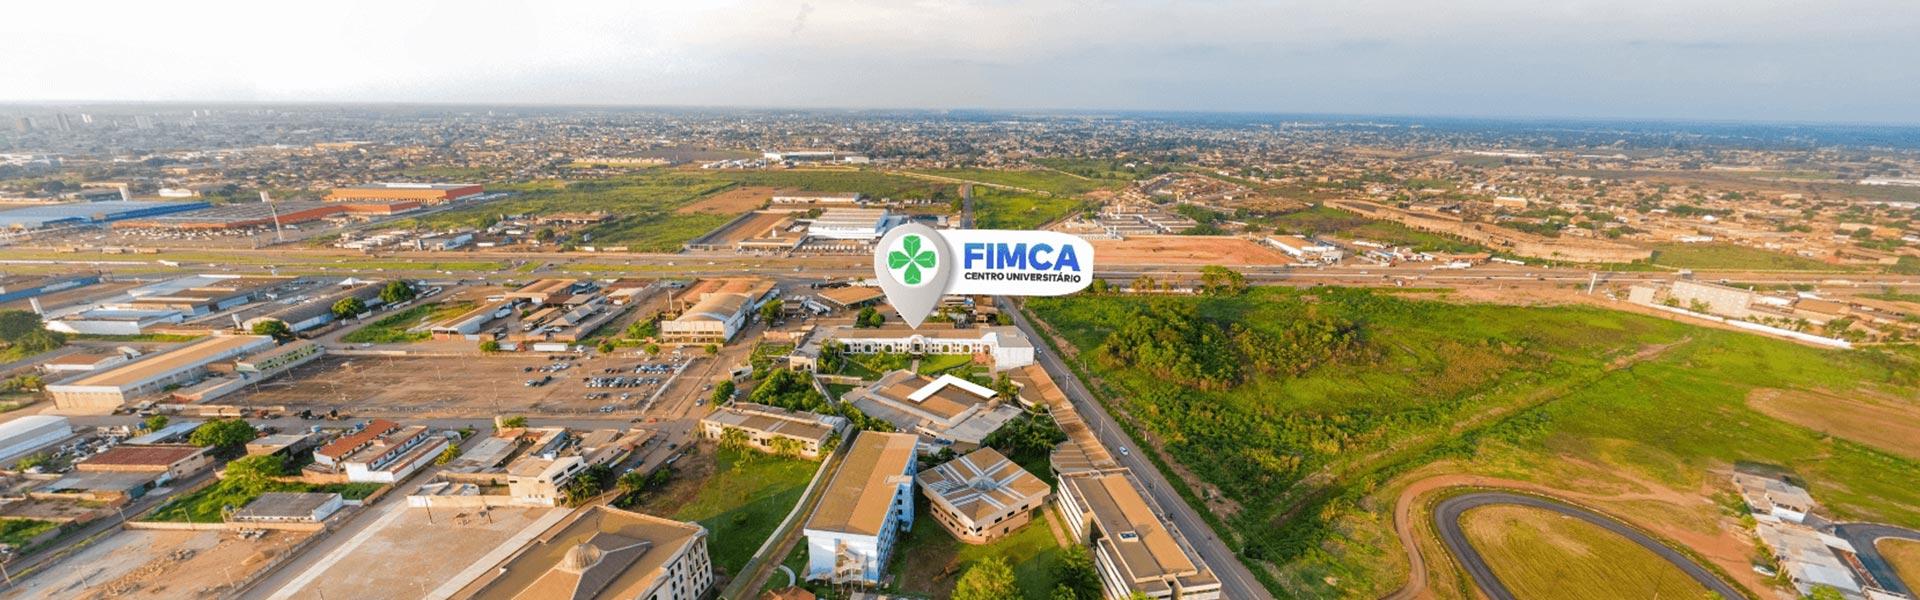 FIMCA Porto Velho